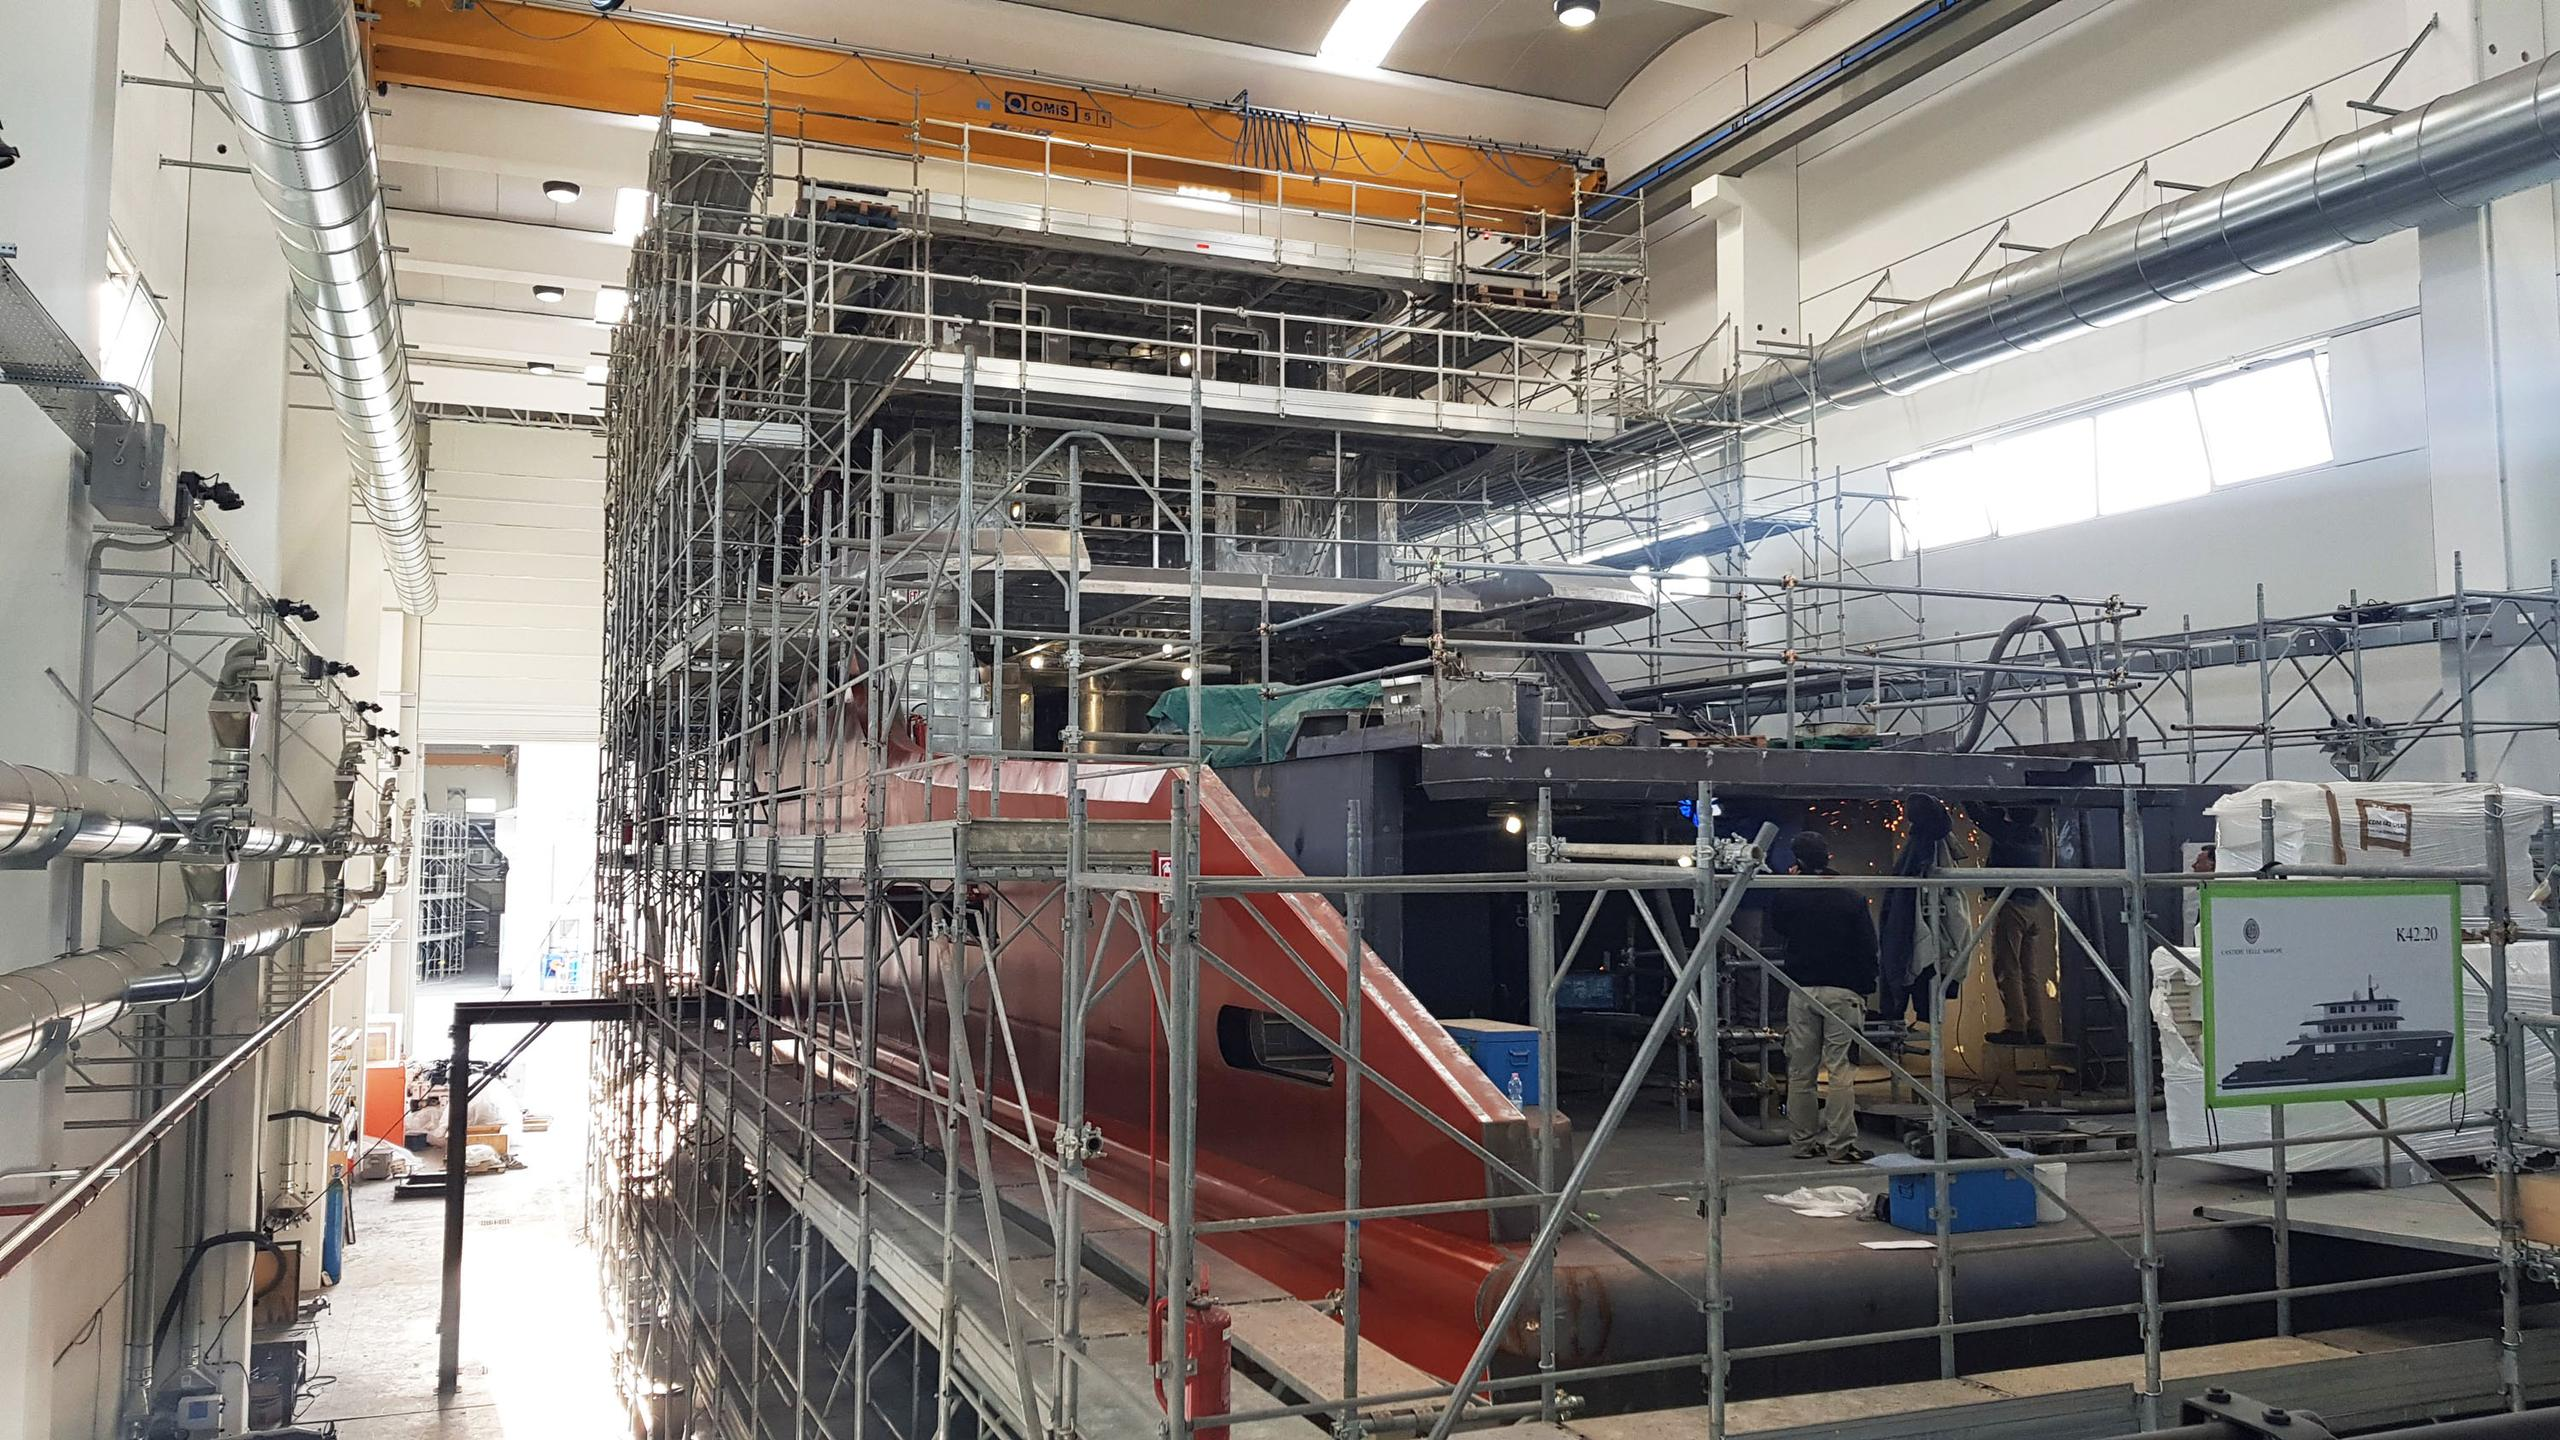 audace k42 motoryacht cantiere delle marche 42m 2019 under construction stern